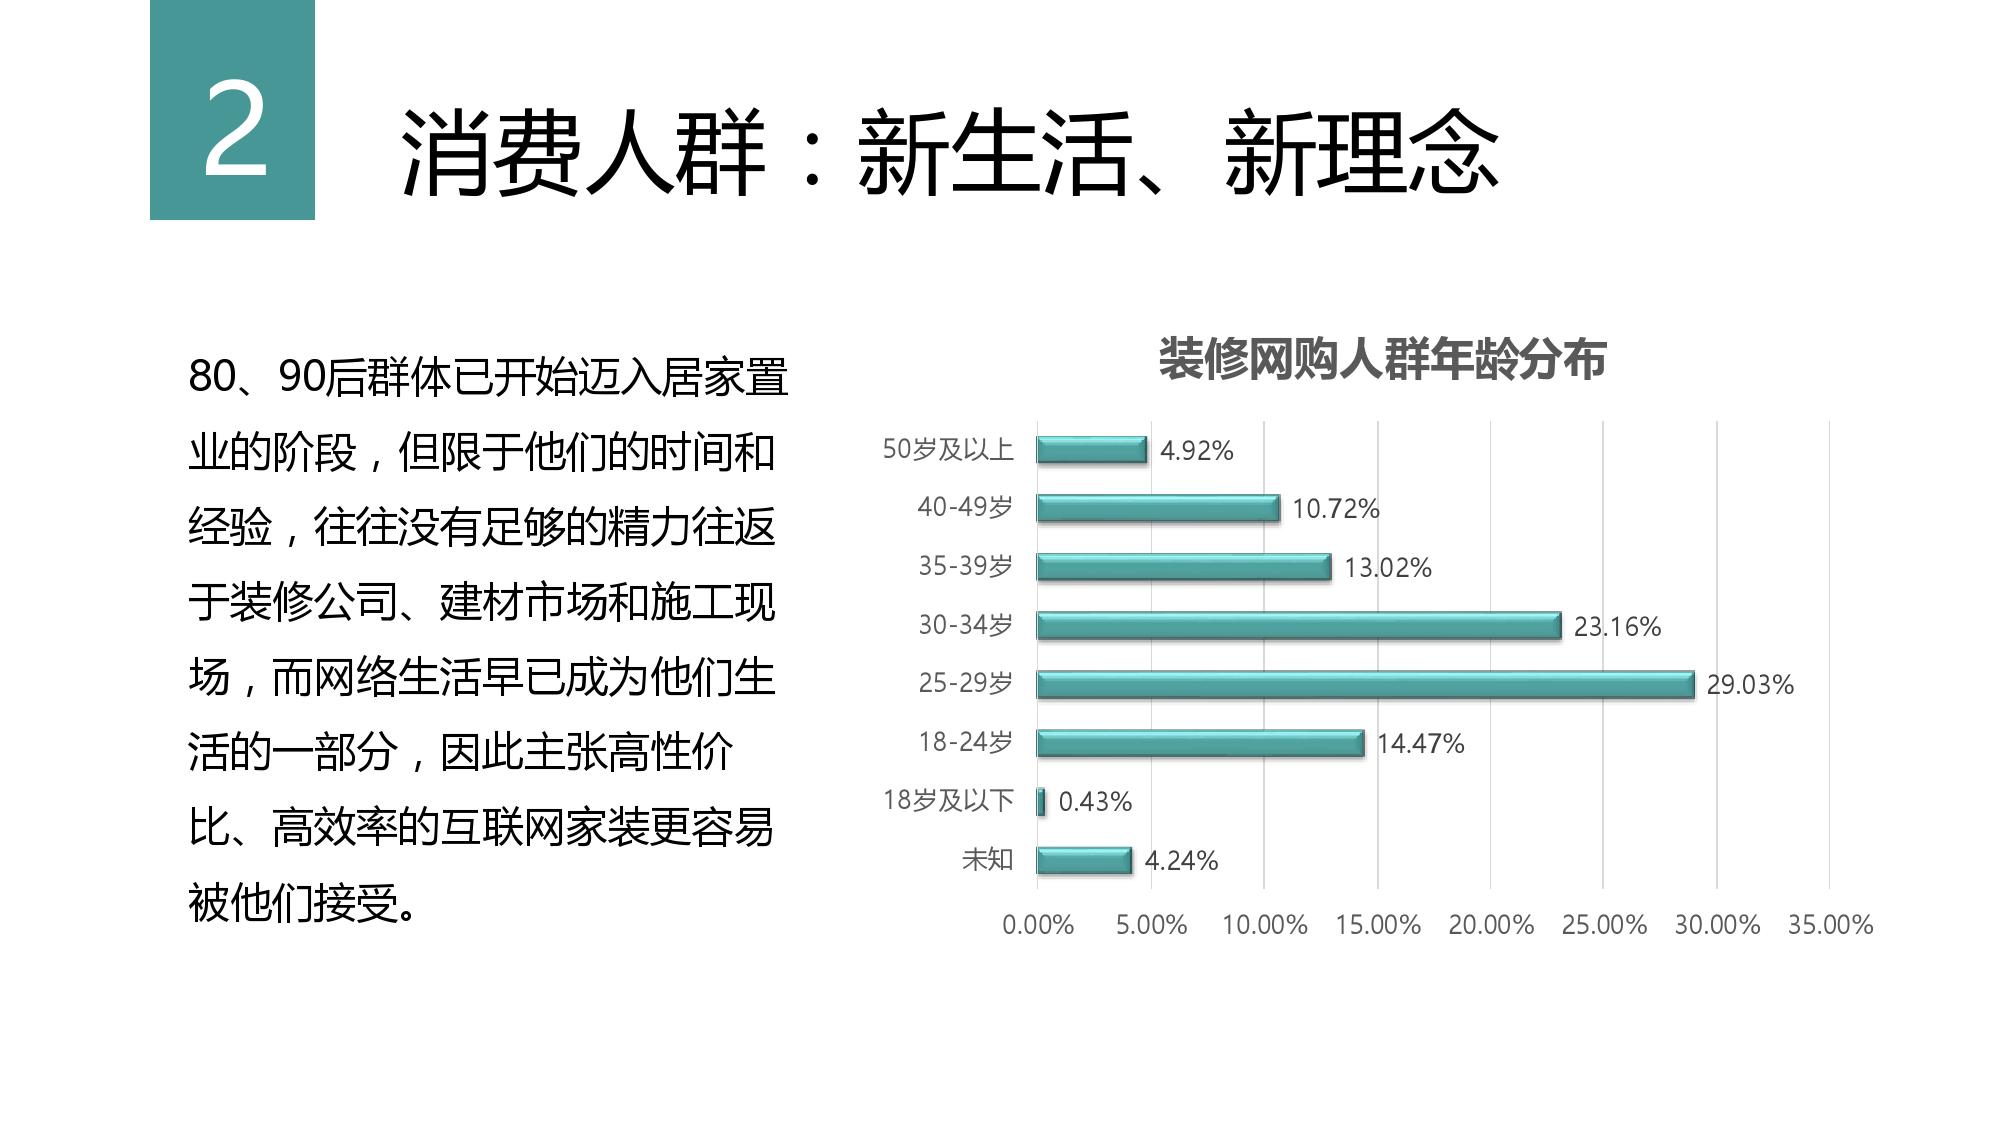 2016%e4%ba%92%e8%81%94%e7%bd%91%e5%ae%b6%e8%a3%85%e7%99%bd%e7%9a%ae%e4%b9%a6-%e7%bd%91%e6%98%93%e5%ae%b6%e5%b1%85_000010